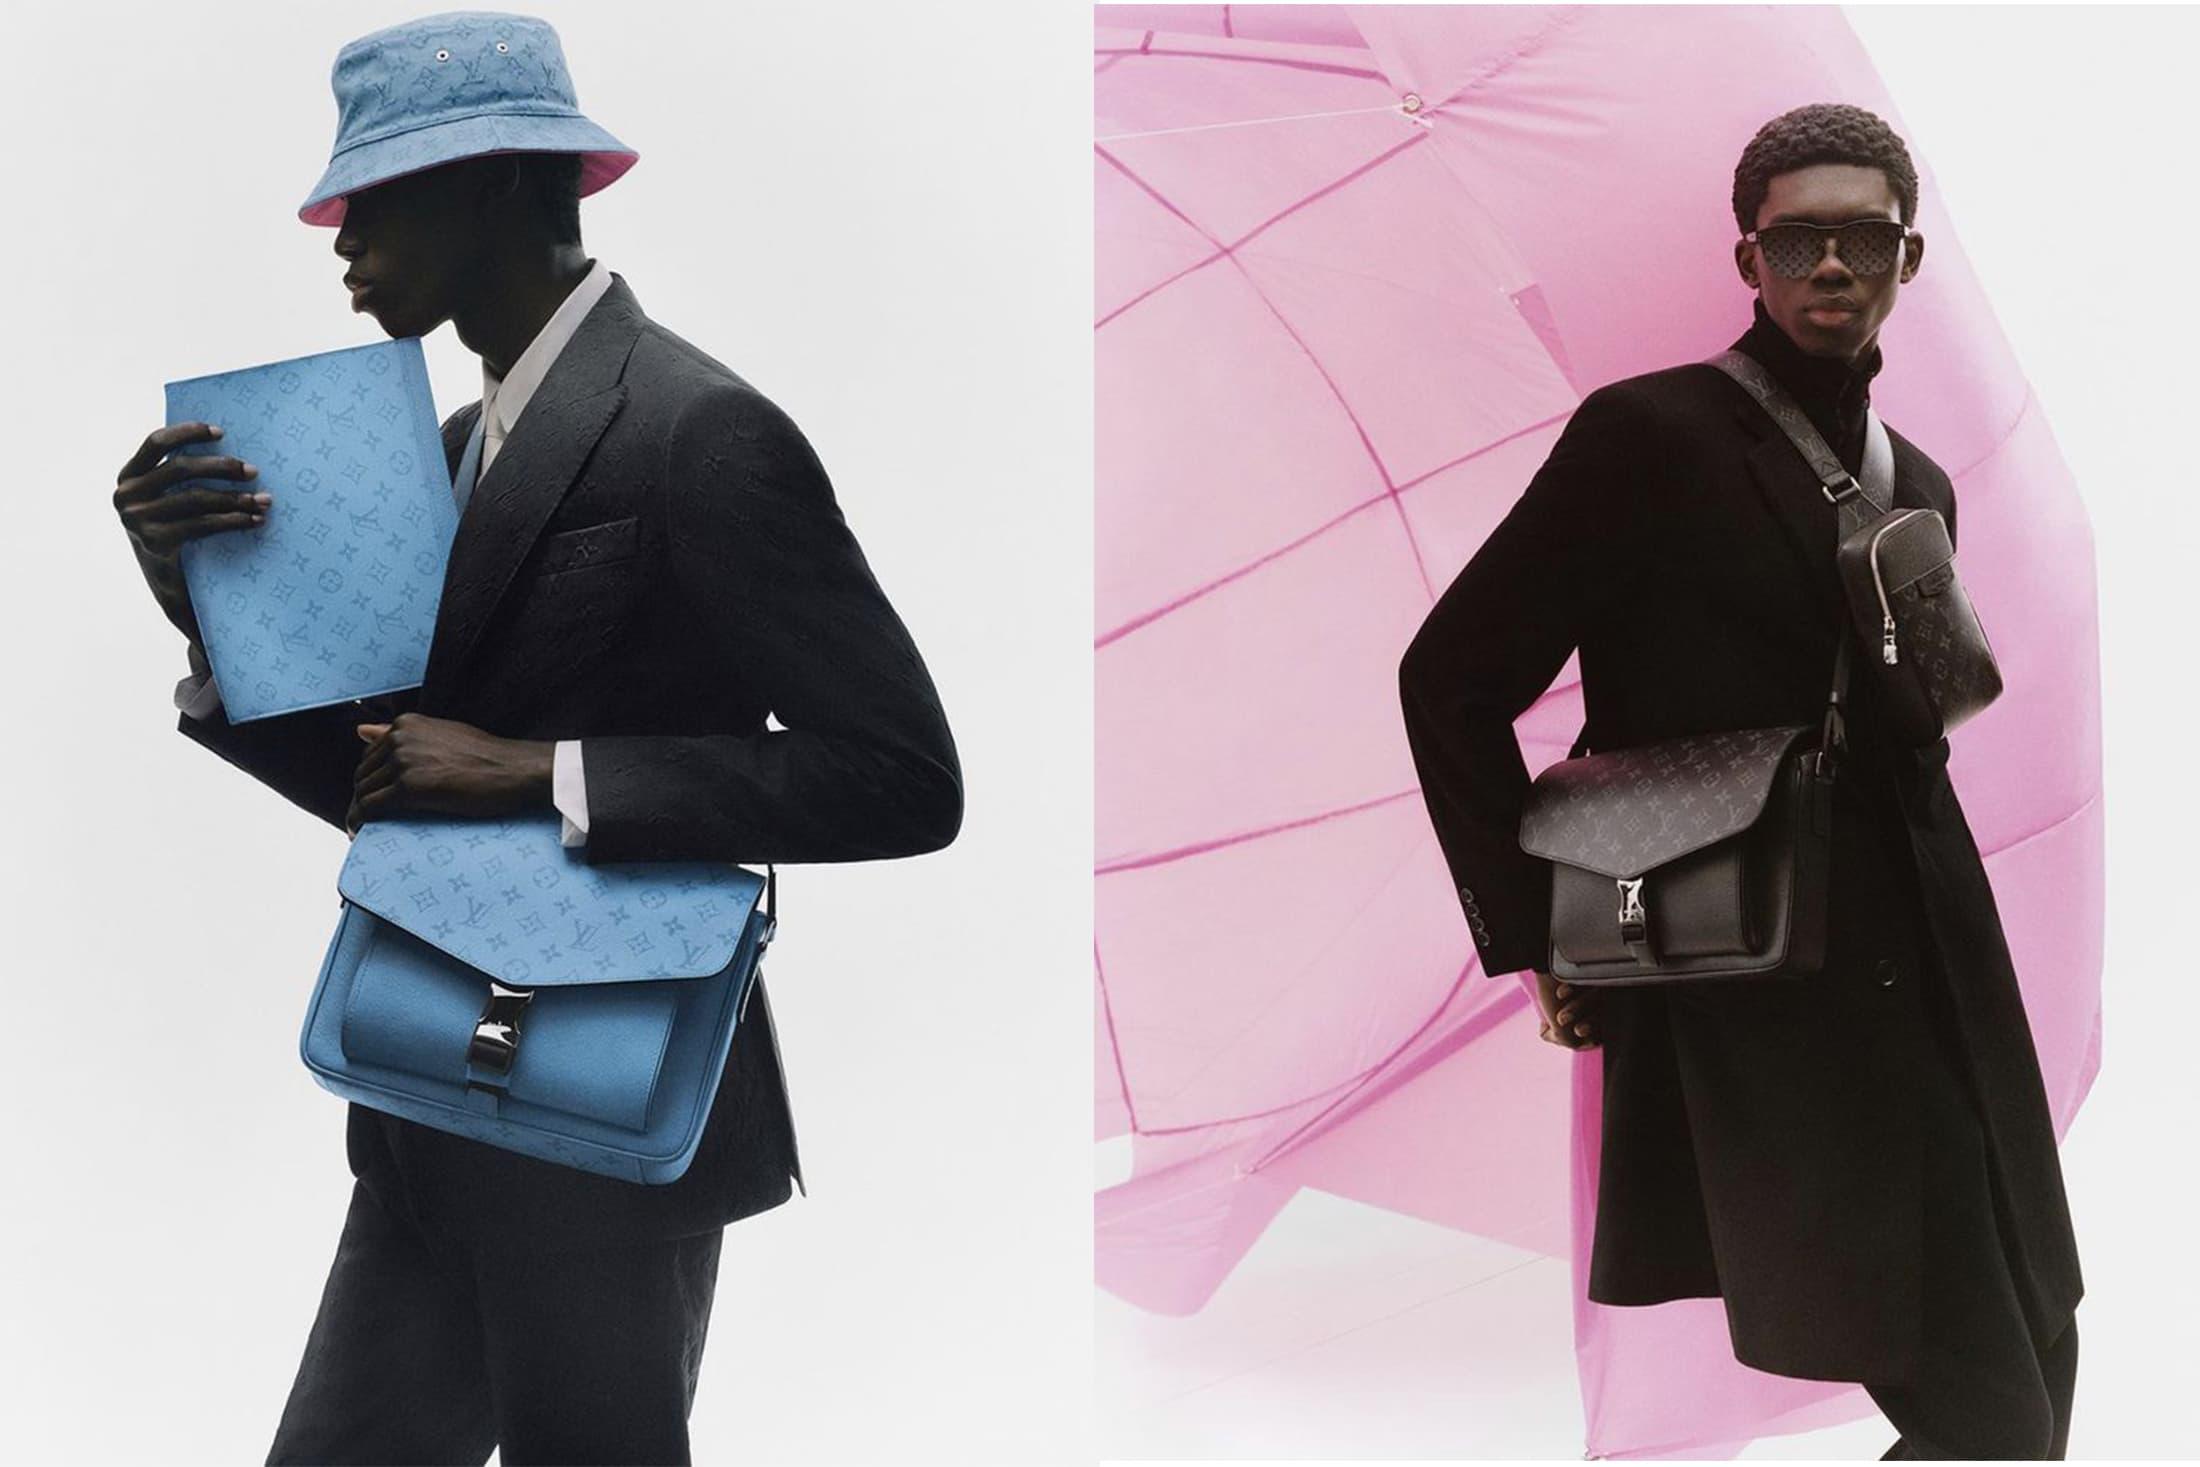 Louis Vuitton Taïgarama Men's Spring 2021 Ad Campaign Photos